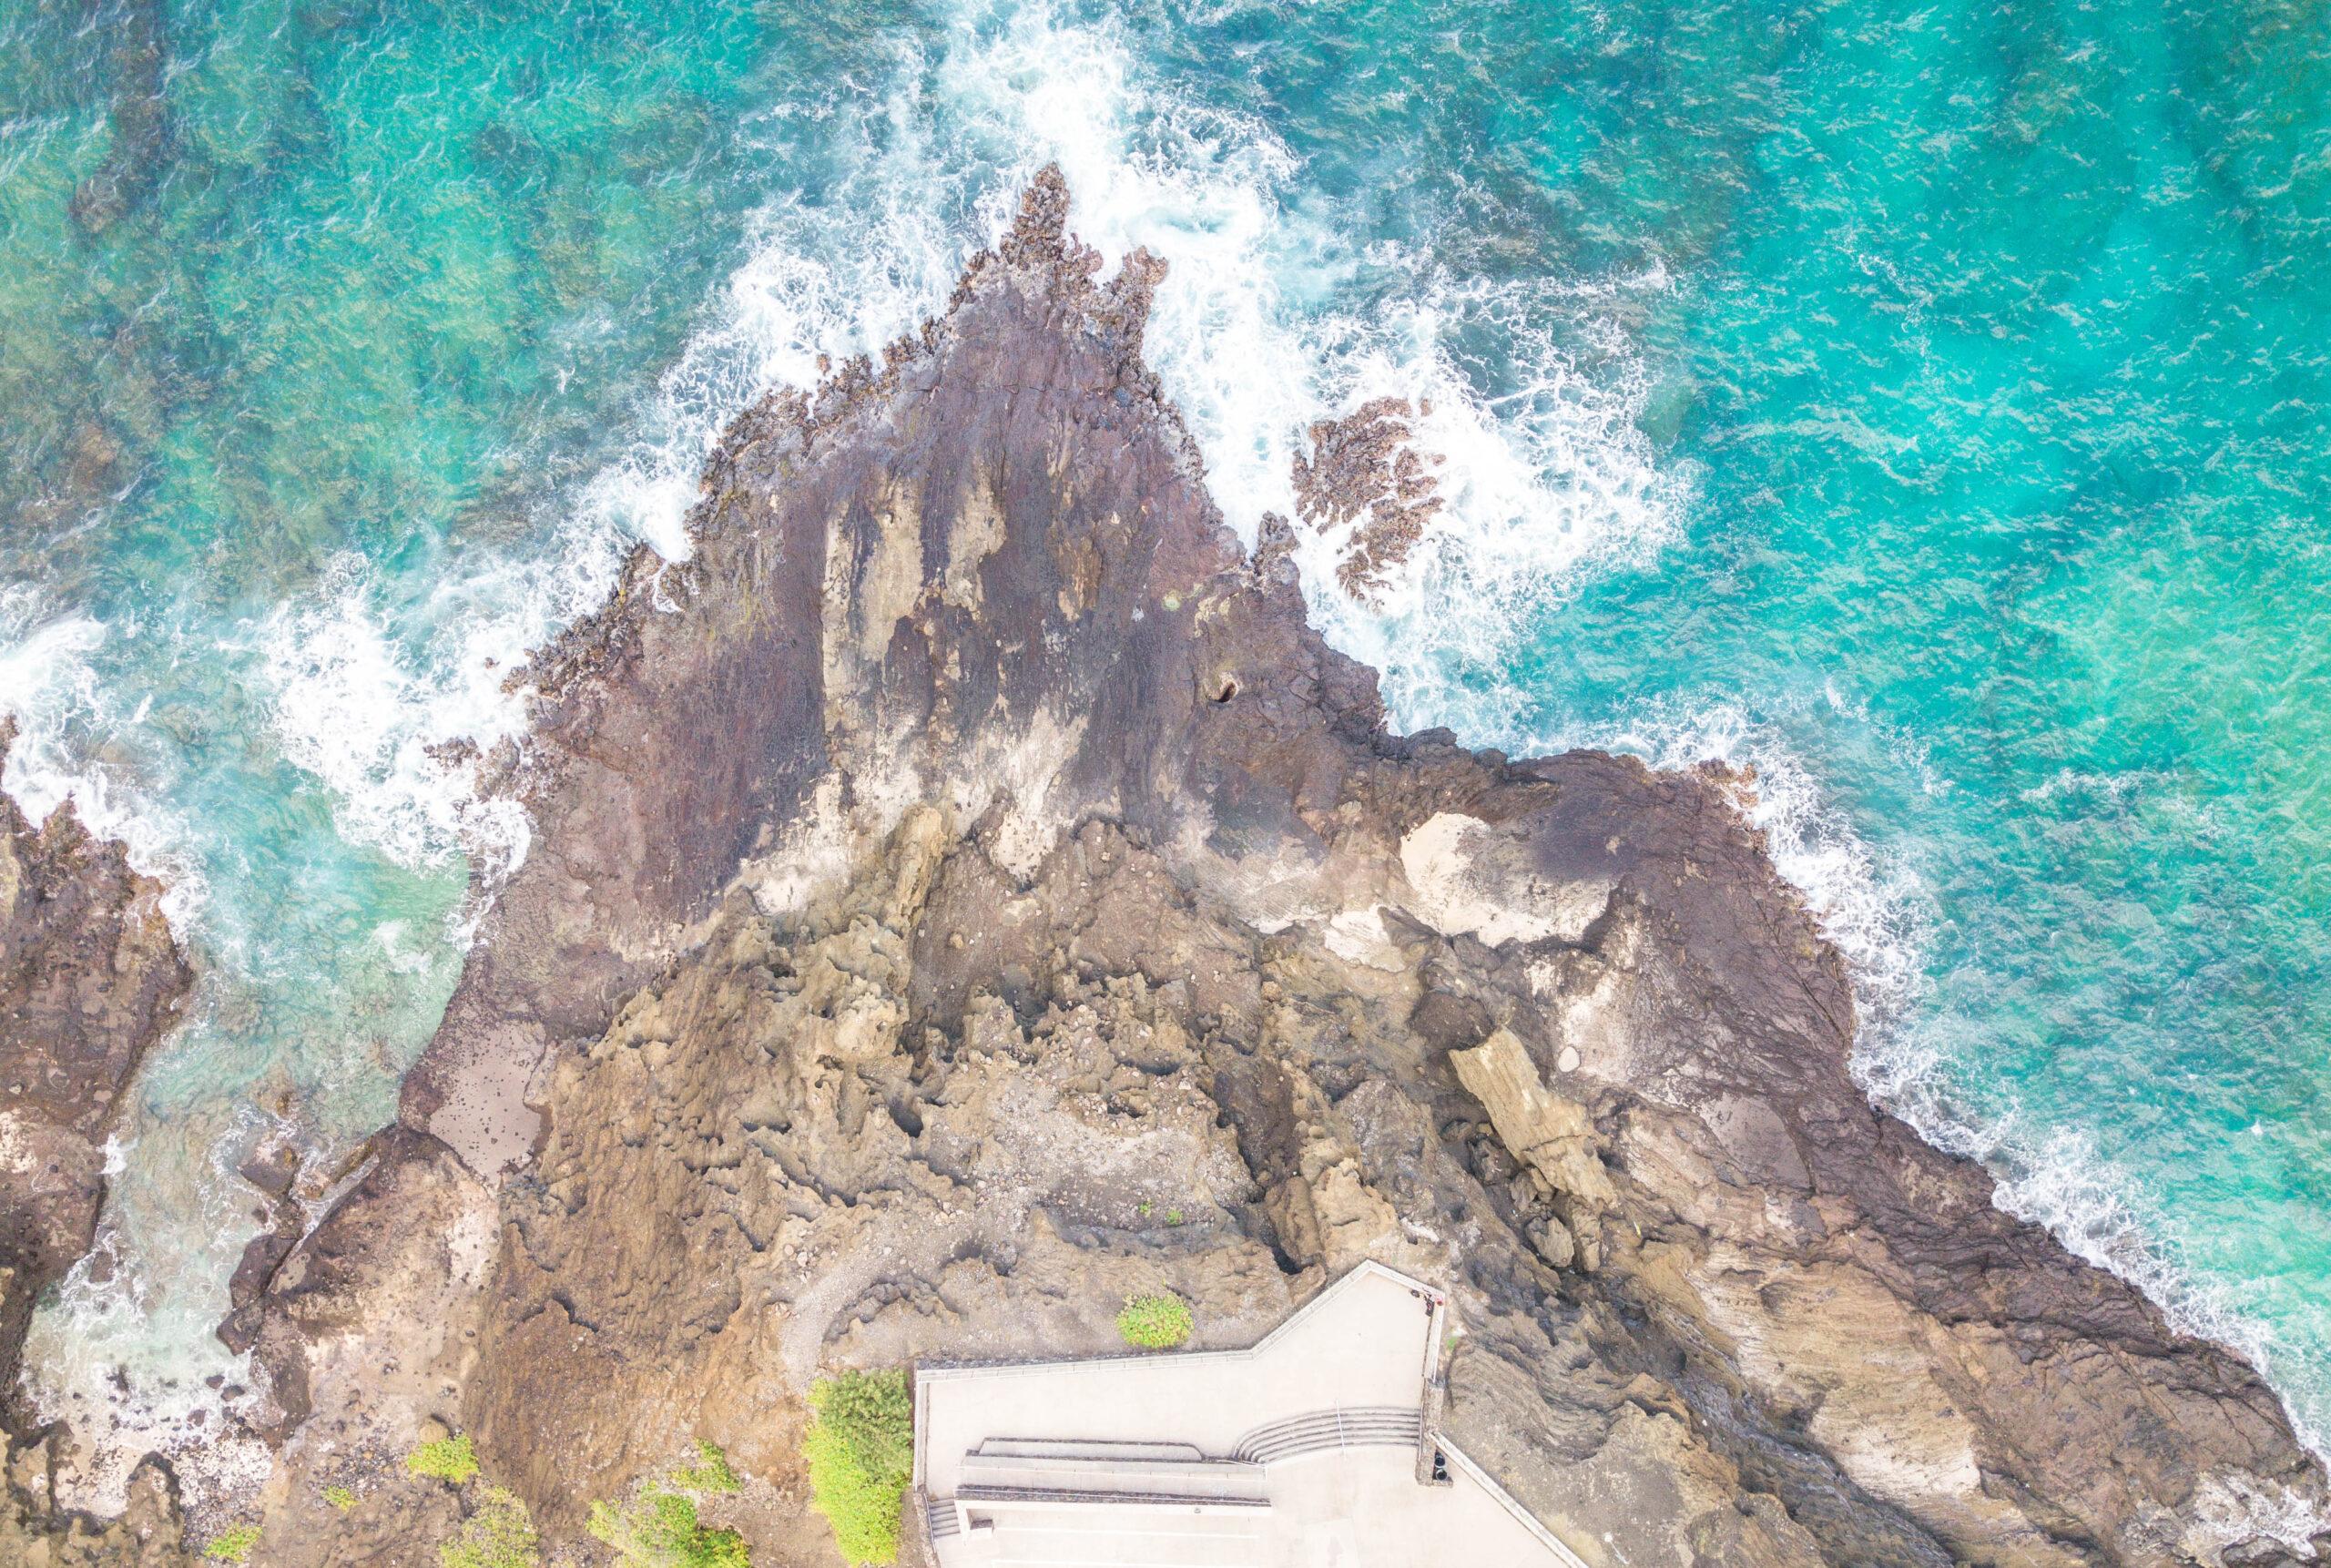 Hawaii Drone Photography